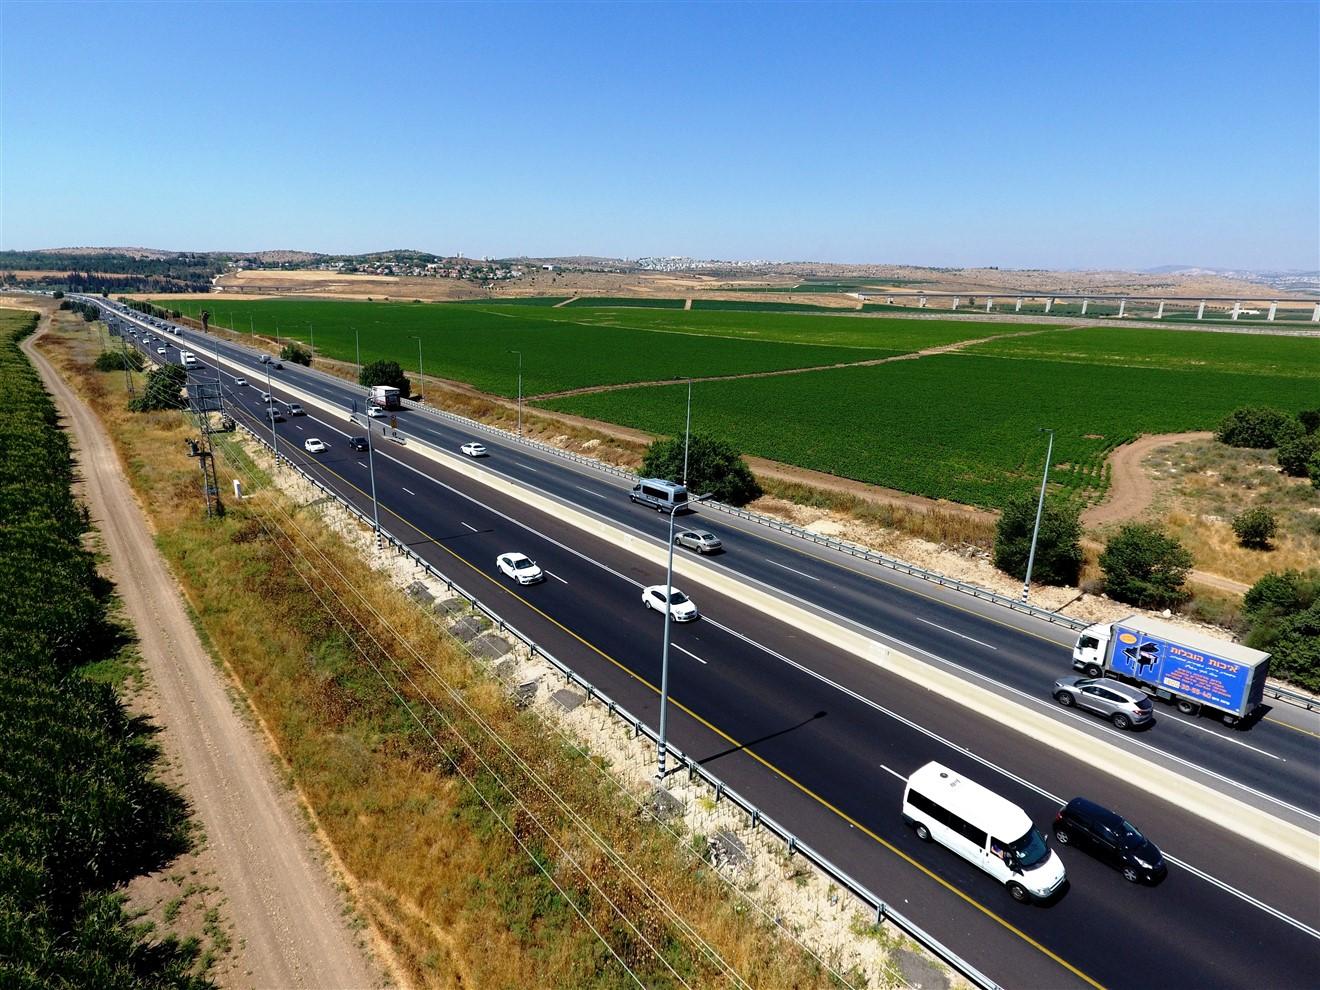 כביש 1 (צילום: דב גרינבלט, החברה להגנת הטבע)